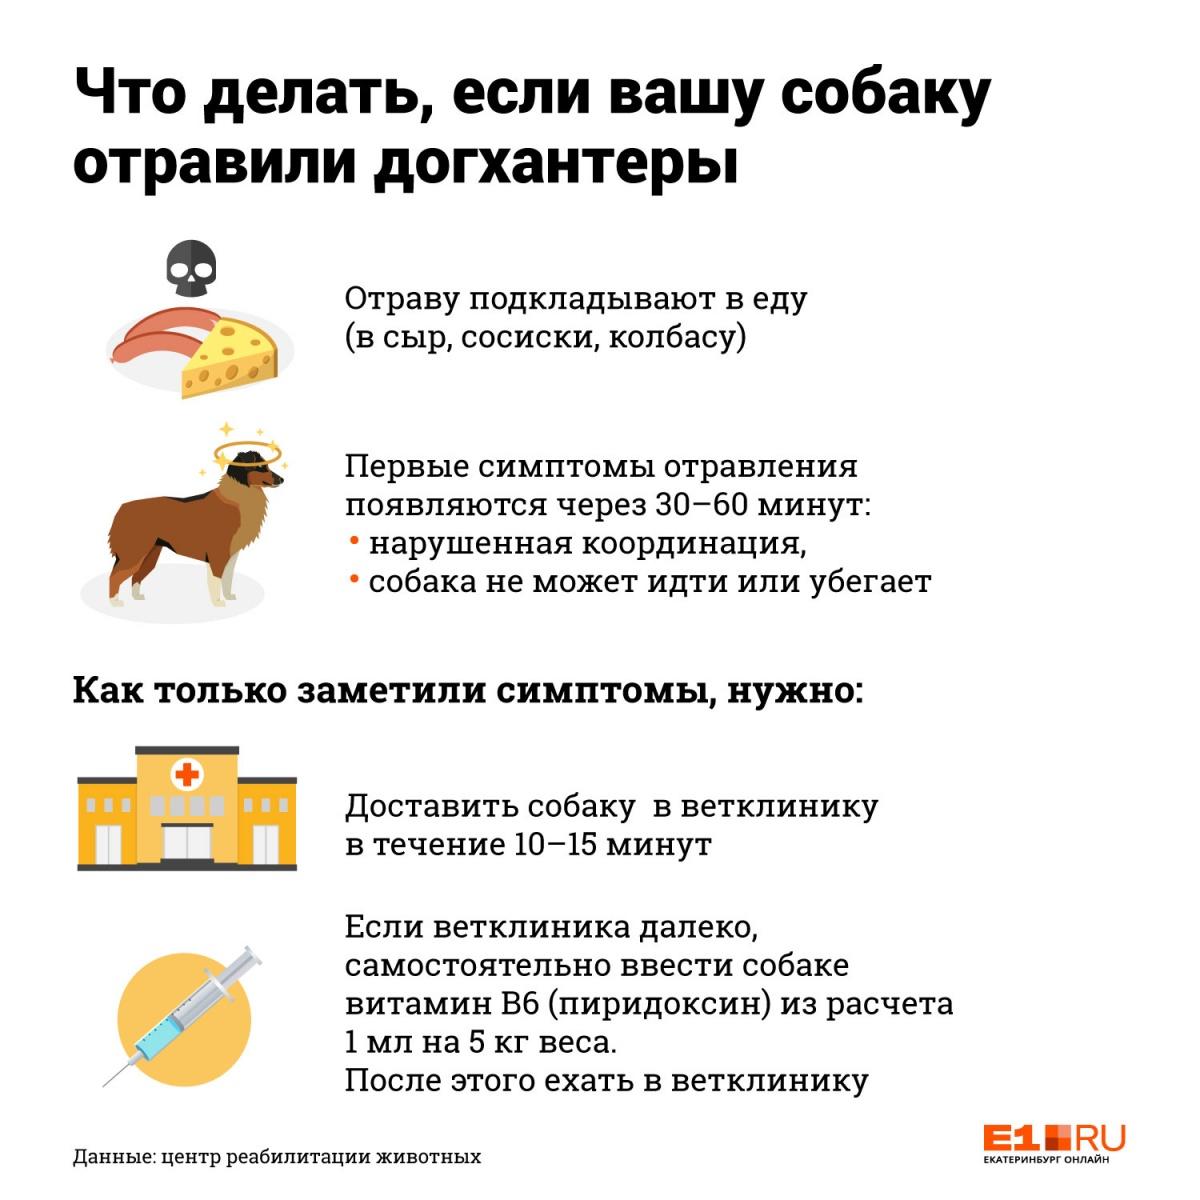 Инструкция E1.RU: что делать, если вашу собаку отравили догхантеры